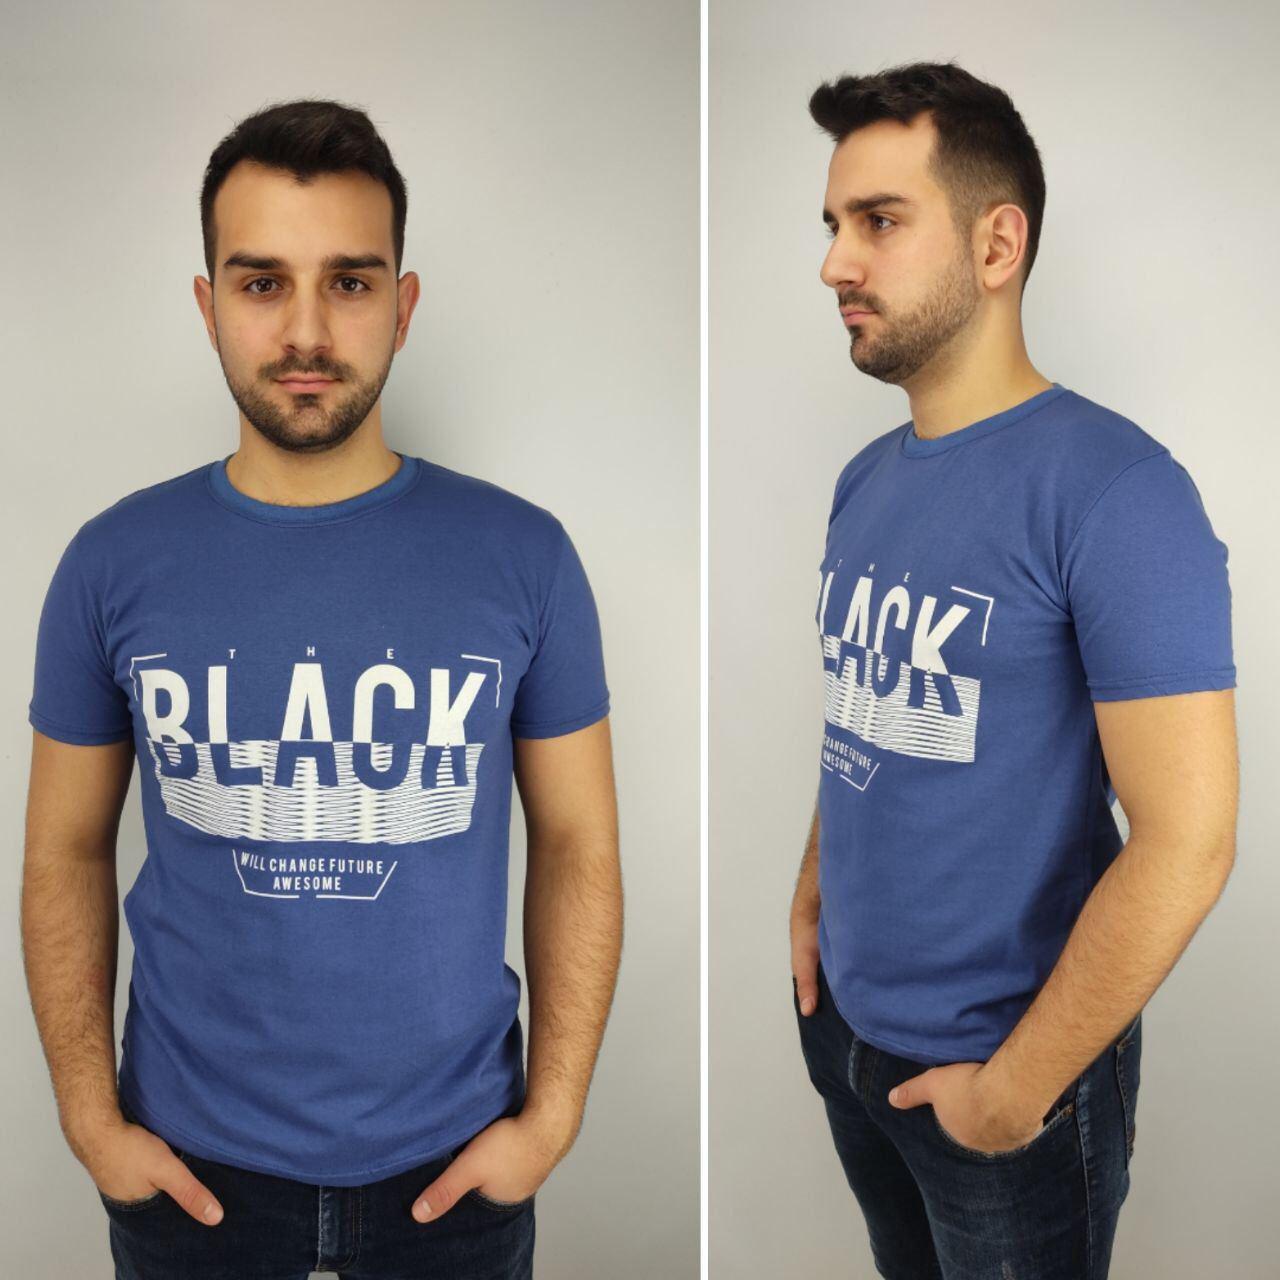 Мужская футболка батал, пр-ва Турция, BLACK, джинс